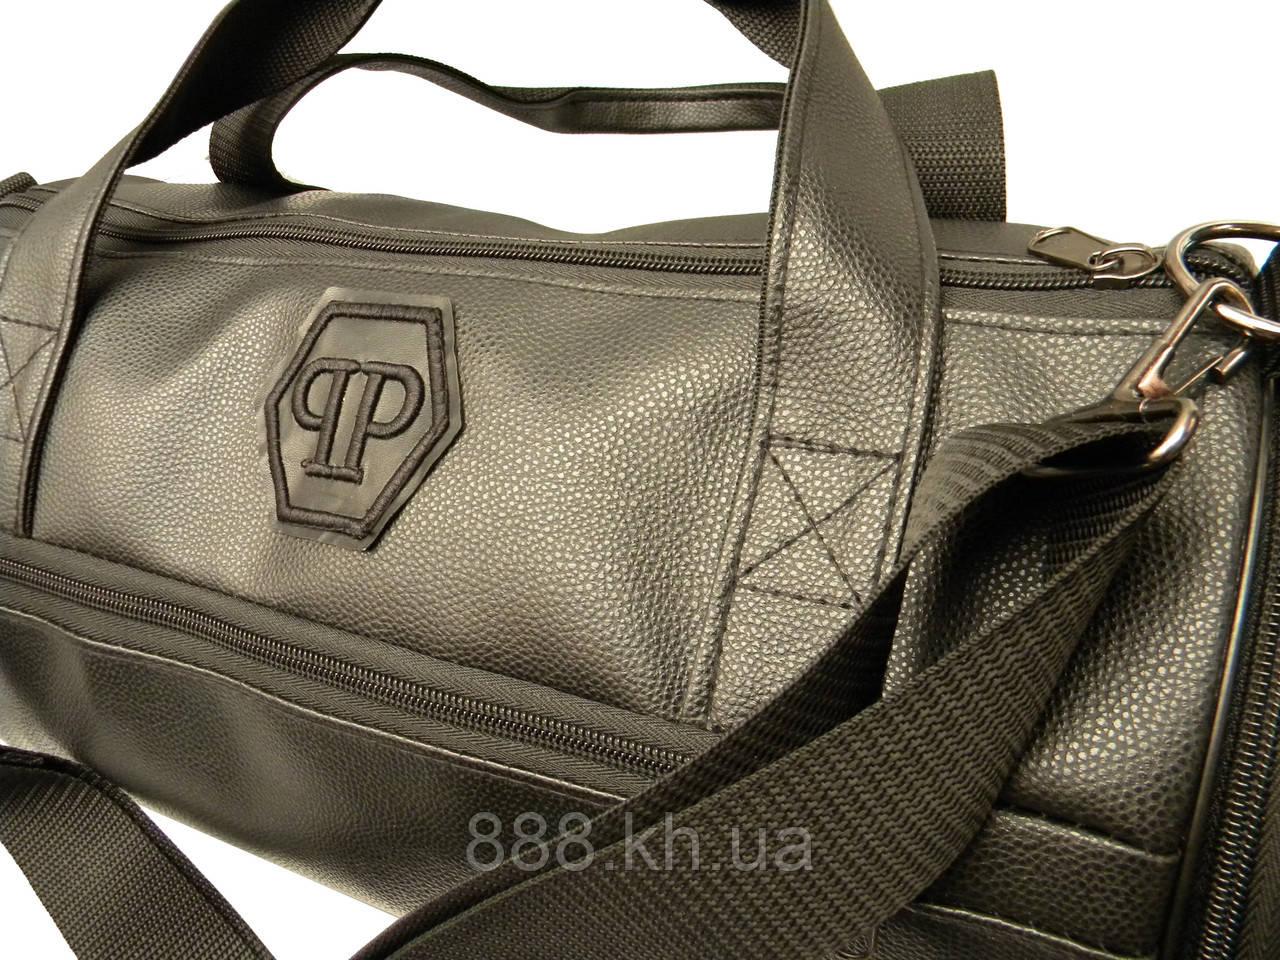 b3db8b75 Кожаная сумка бочка Philipp Plein, черная мужская сумка PP, женская сумка  для тренировок Филипп